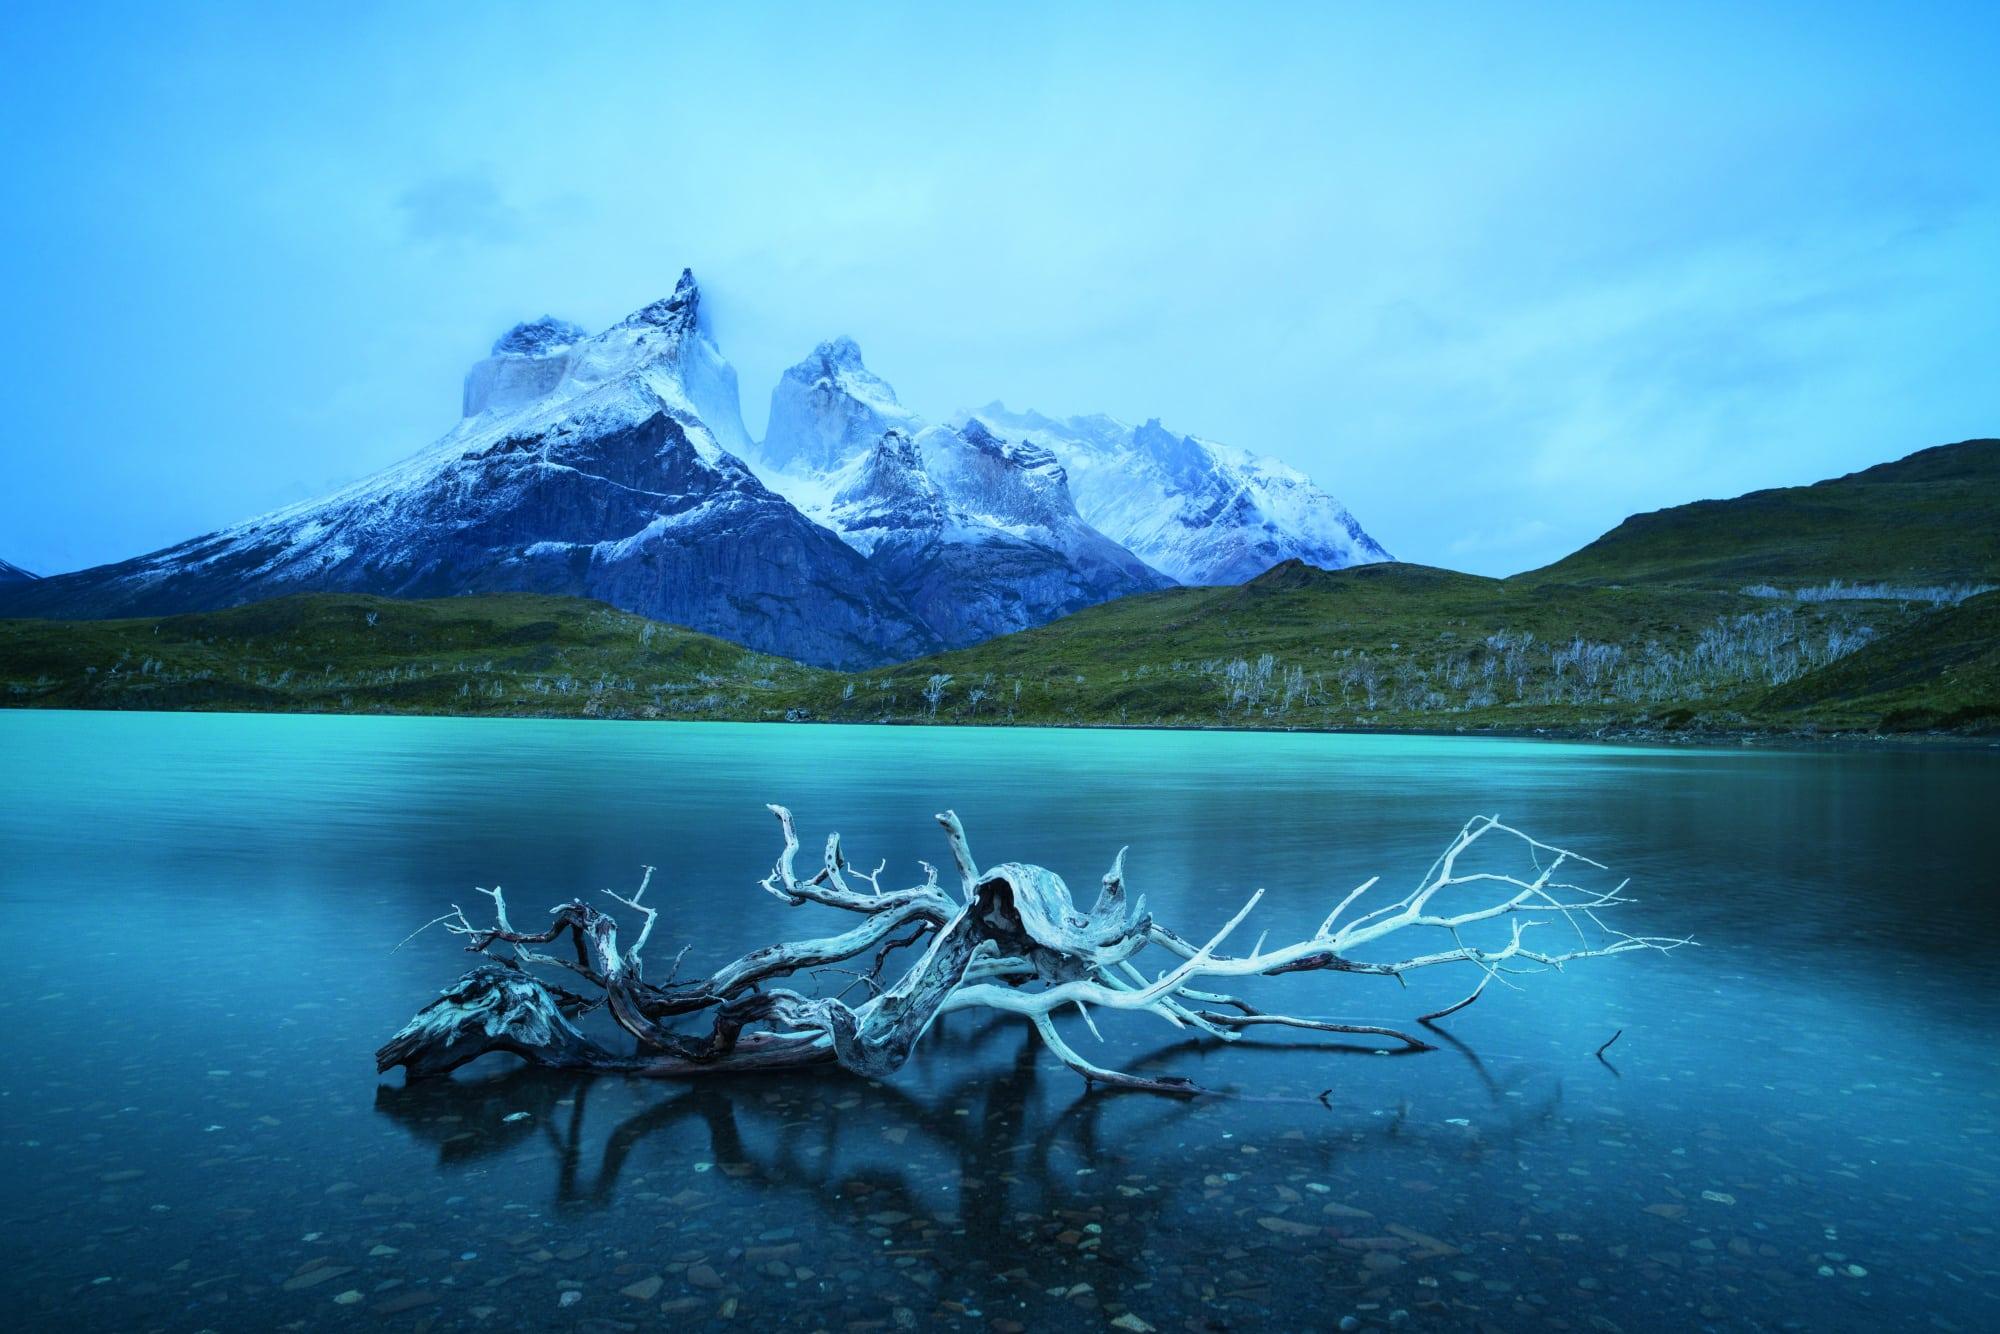 Der Lago Nordenskjöld in Patagonien, Chile